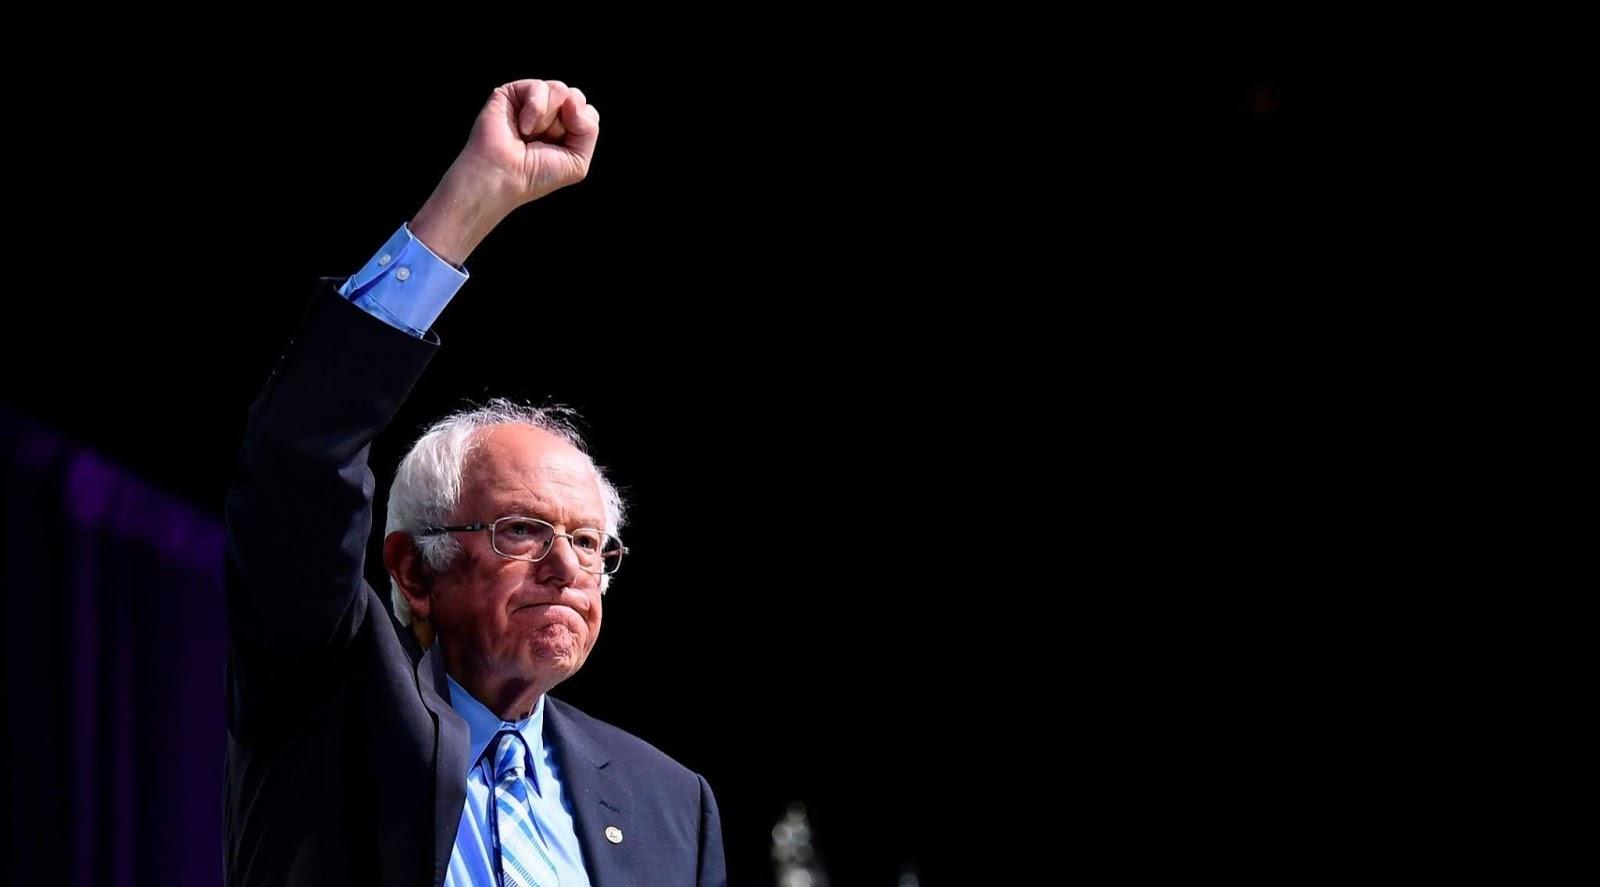 Analizamos con Xiomara Ramírez última hora USA: Coronavirus, Bernie Sanders y declaración de Hilary Clinton